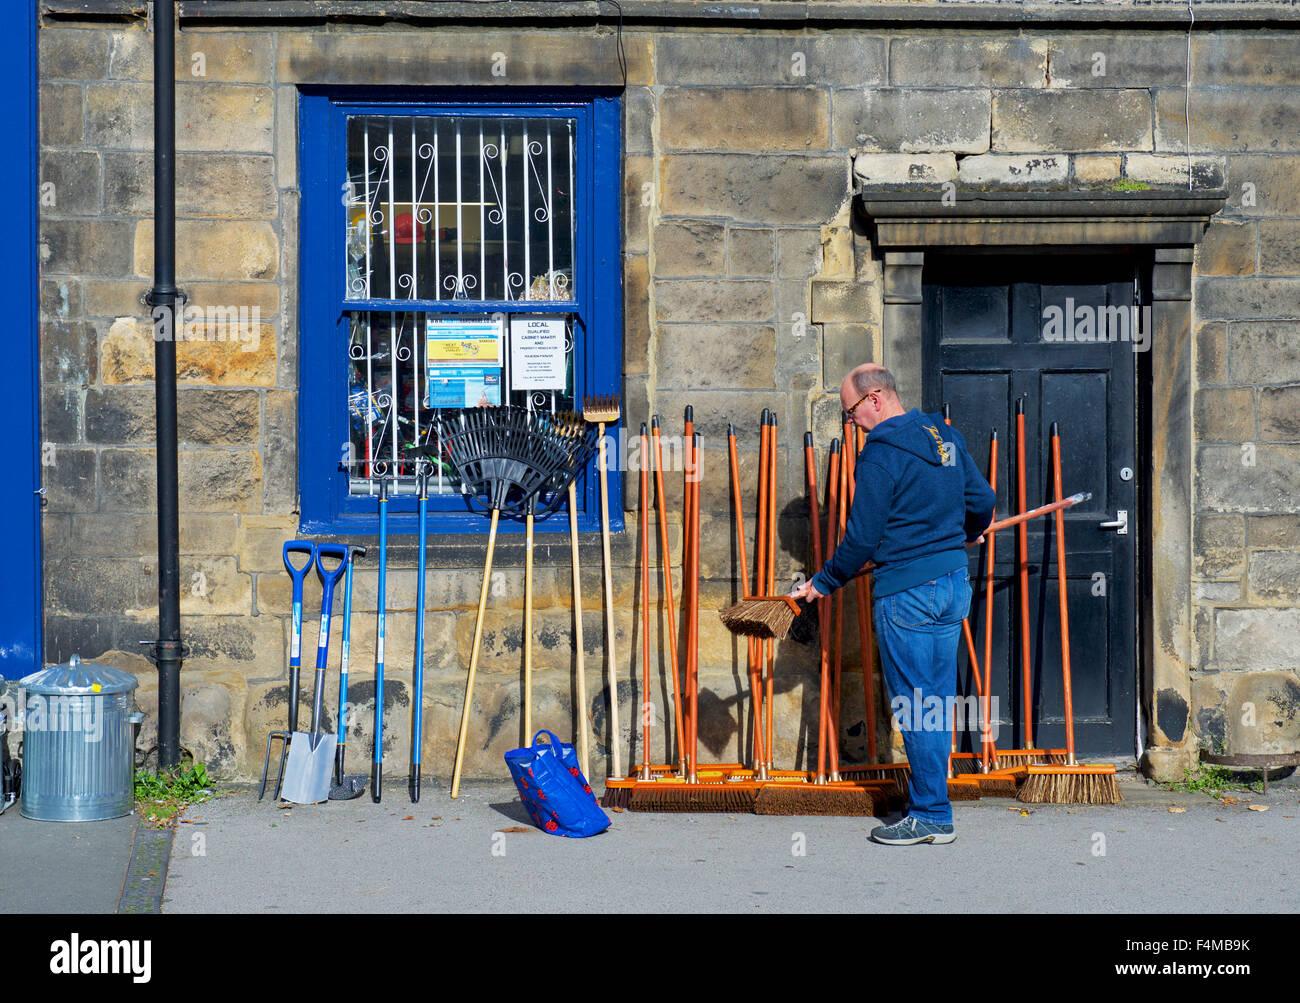 El hombre eligiendo una escoba fuera de una tienda en Otley, West Yorkshire, Inglaterra Imagen De Stock